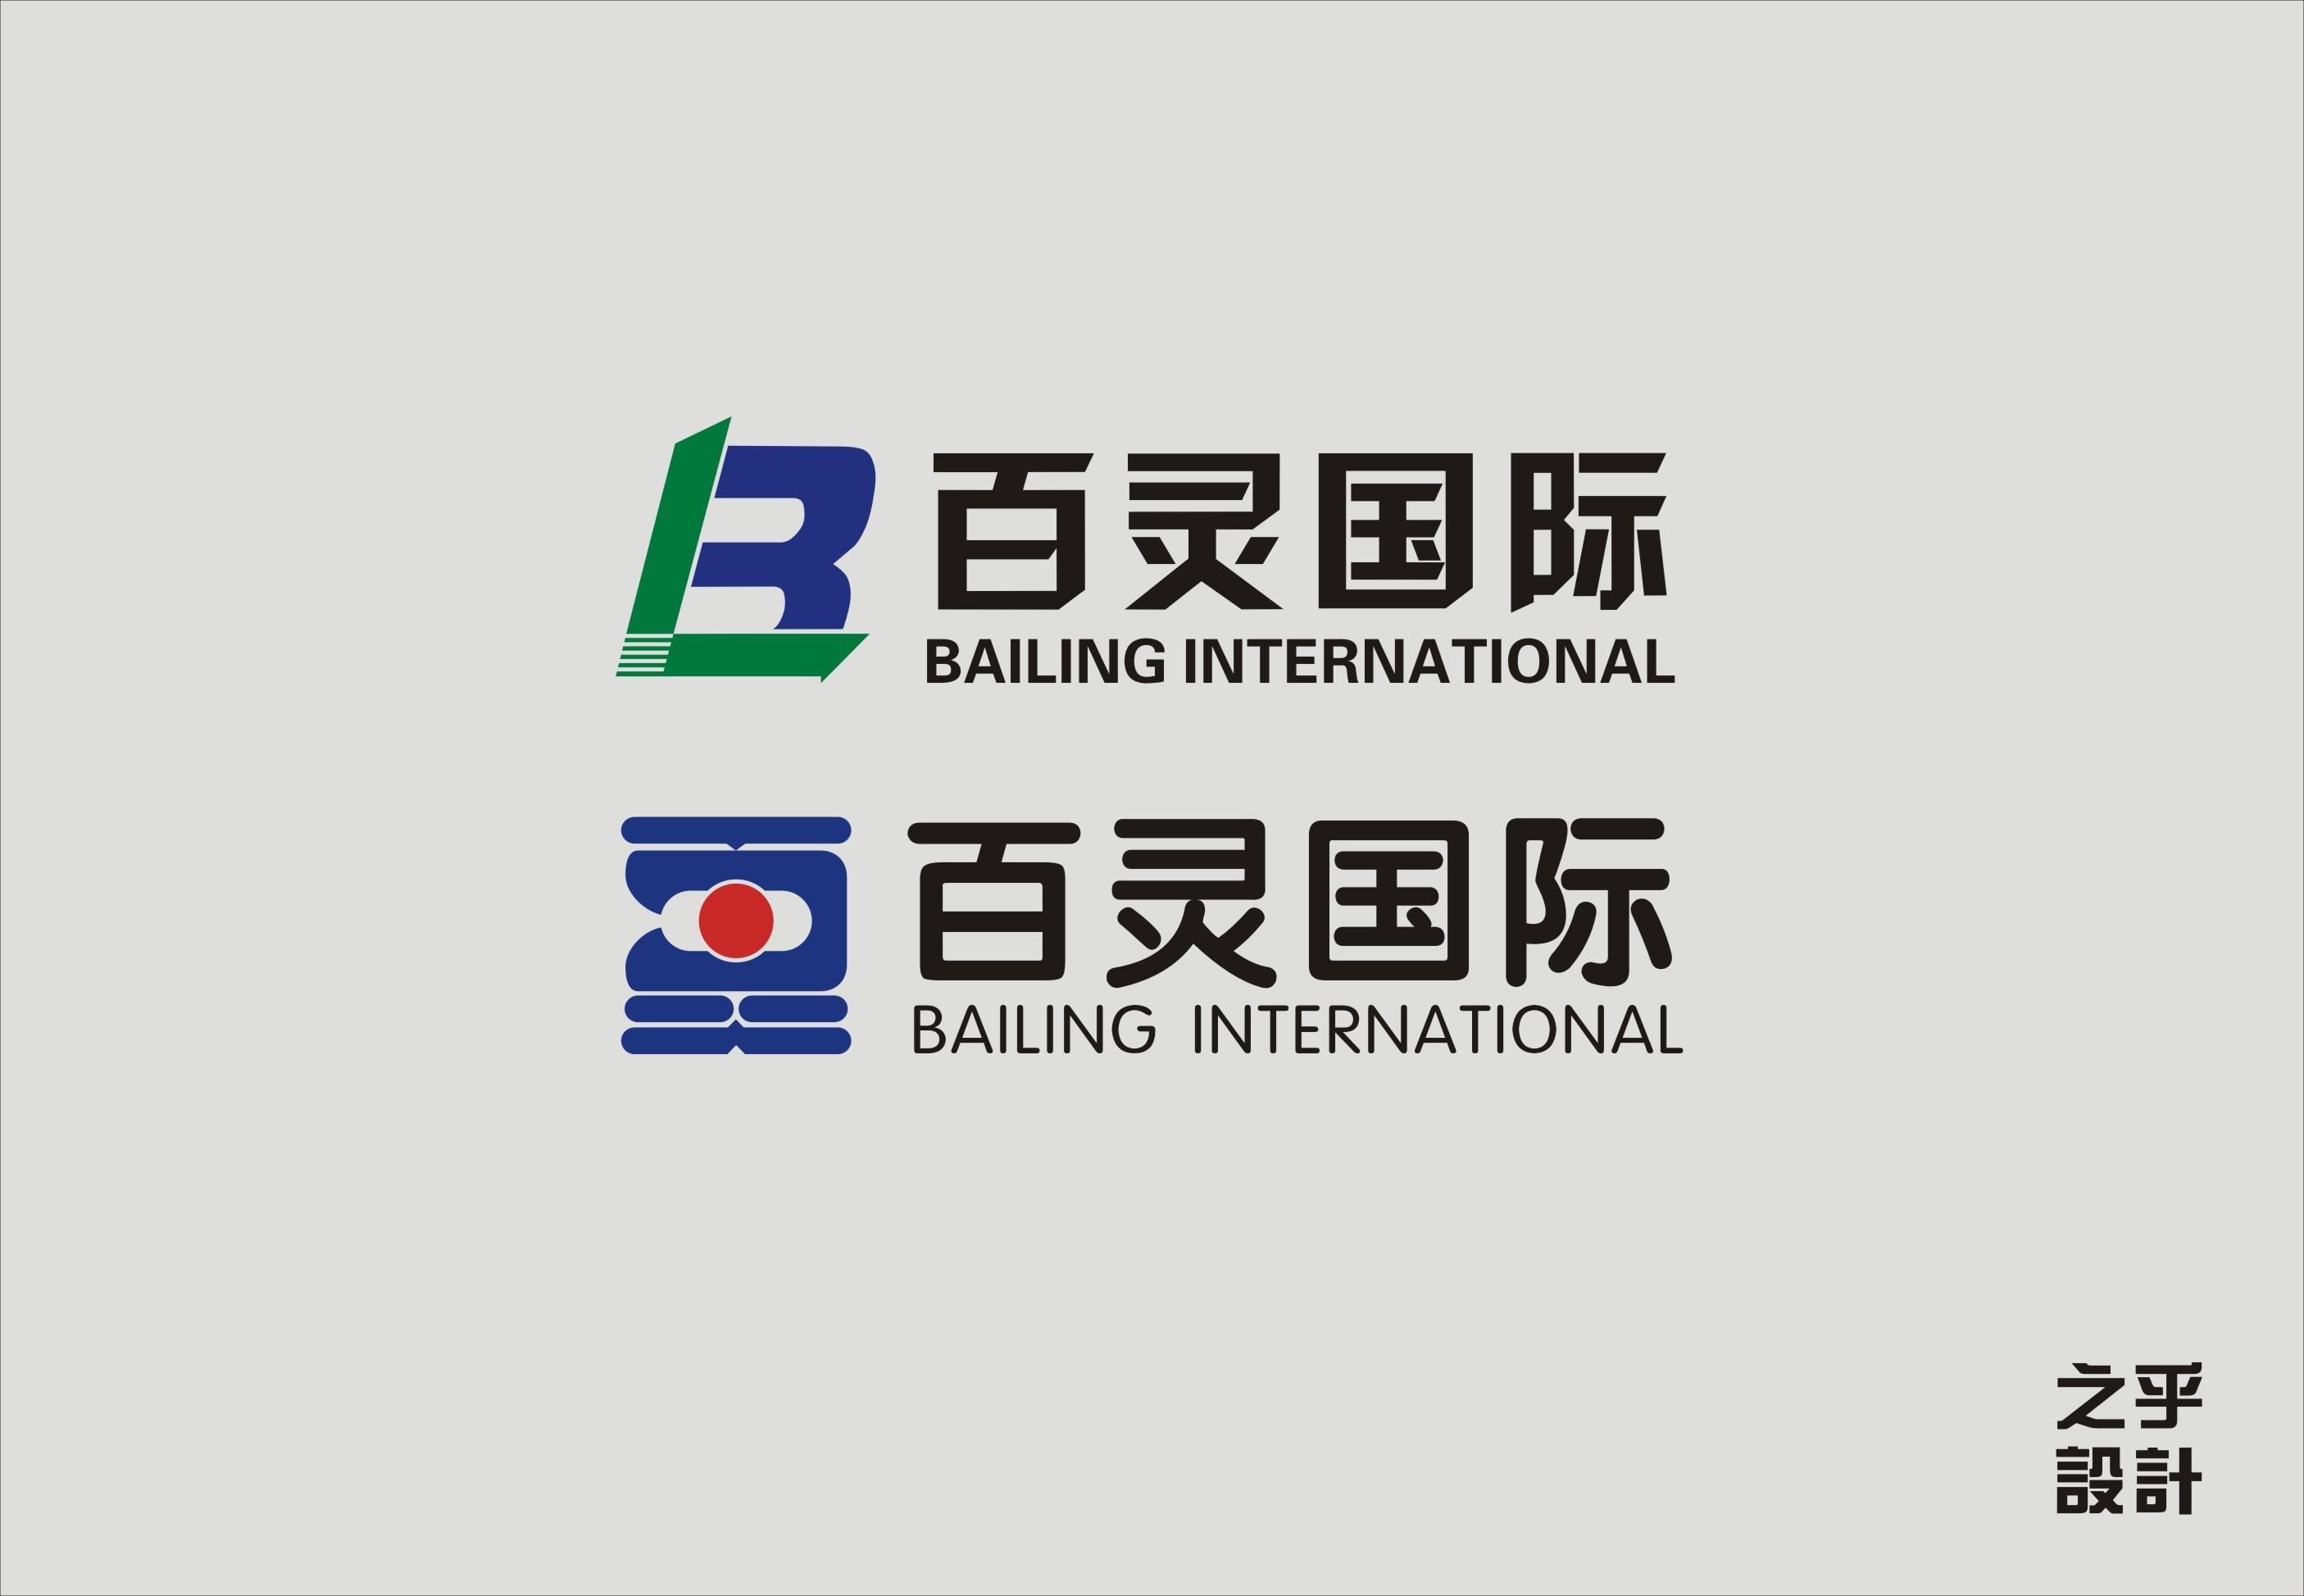 贸易公司logo设计_logo设计_商标/vi设计_一品威客网